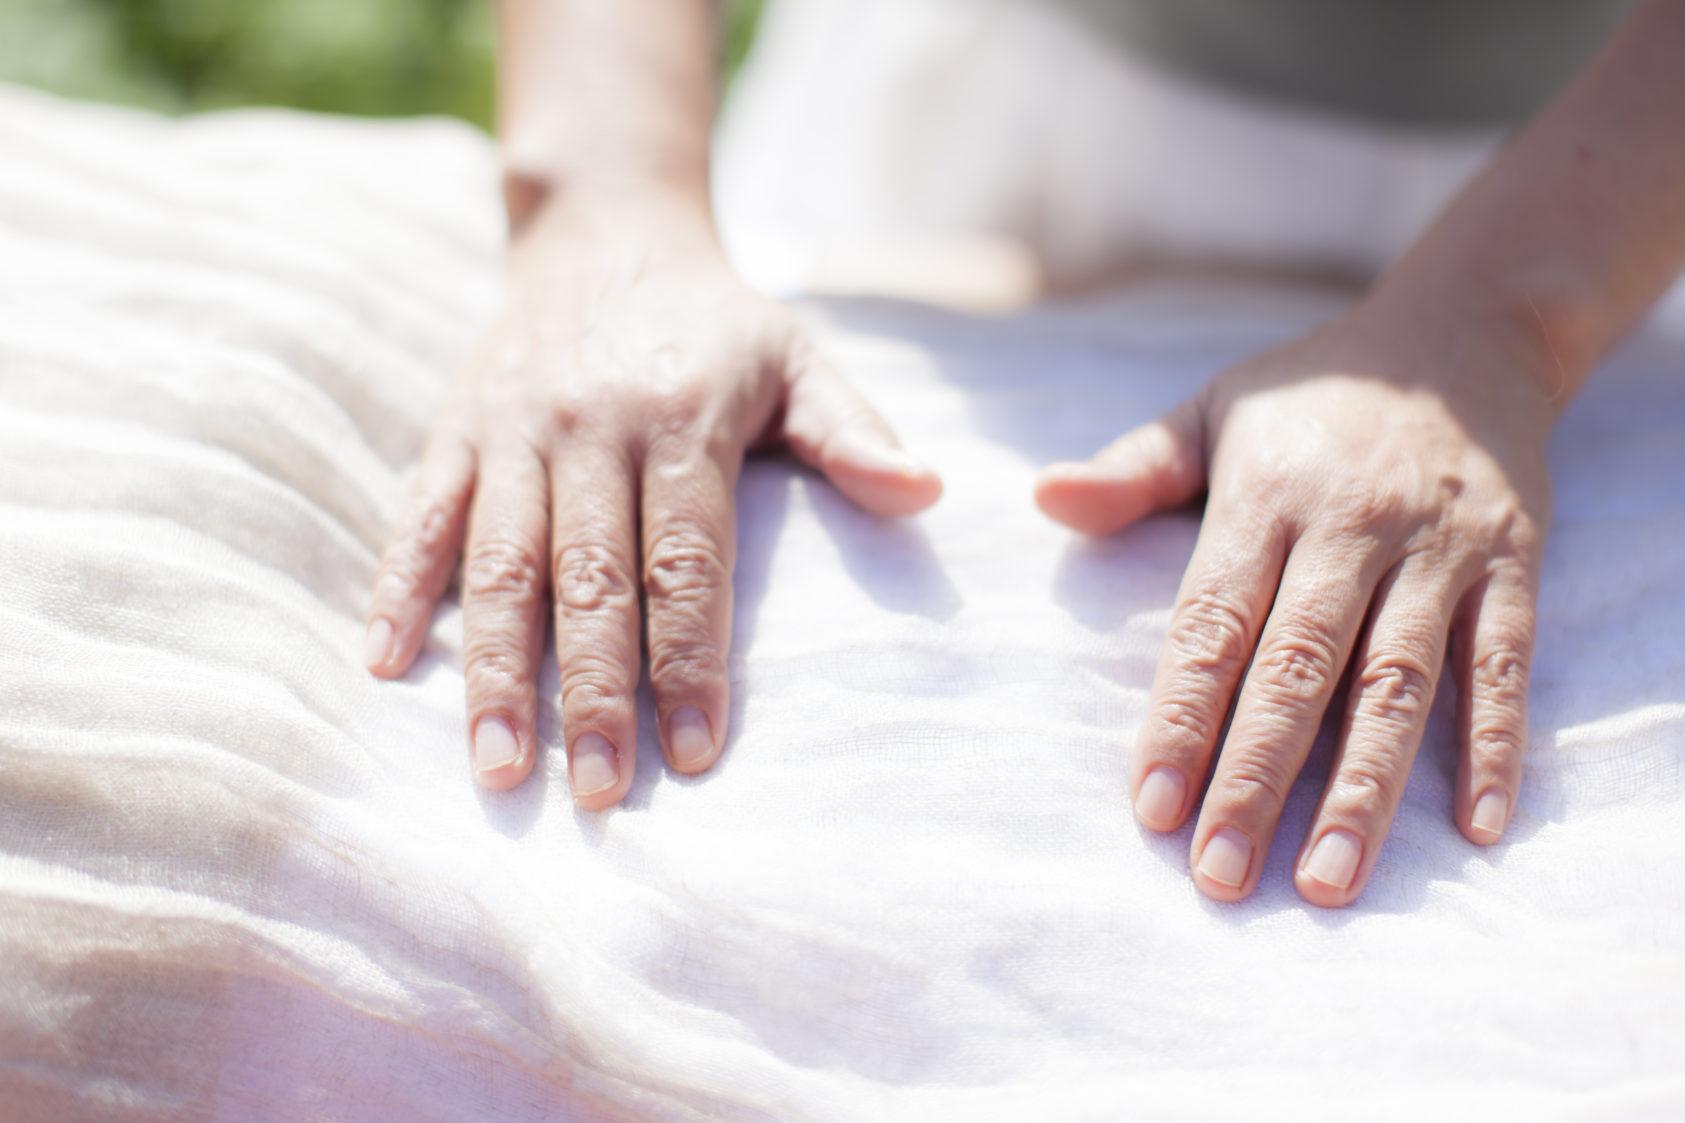 尊厳を喜びをもって触れる ゆったりセラピー エサレンアプローチ エサレンボディワーク エサレンマッサージ 心で触れるボディワーク